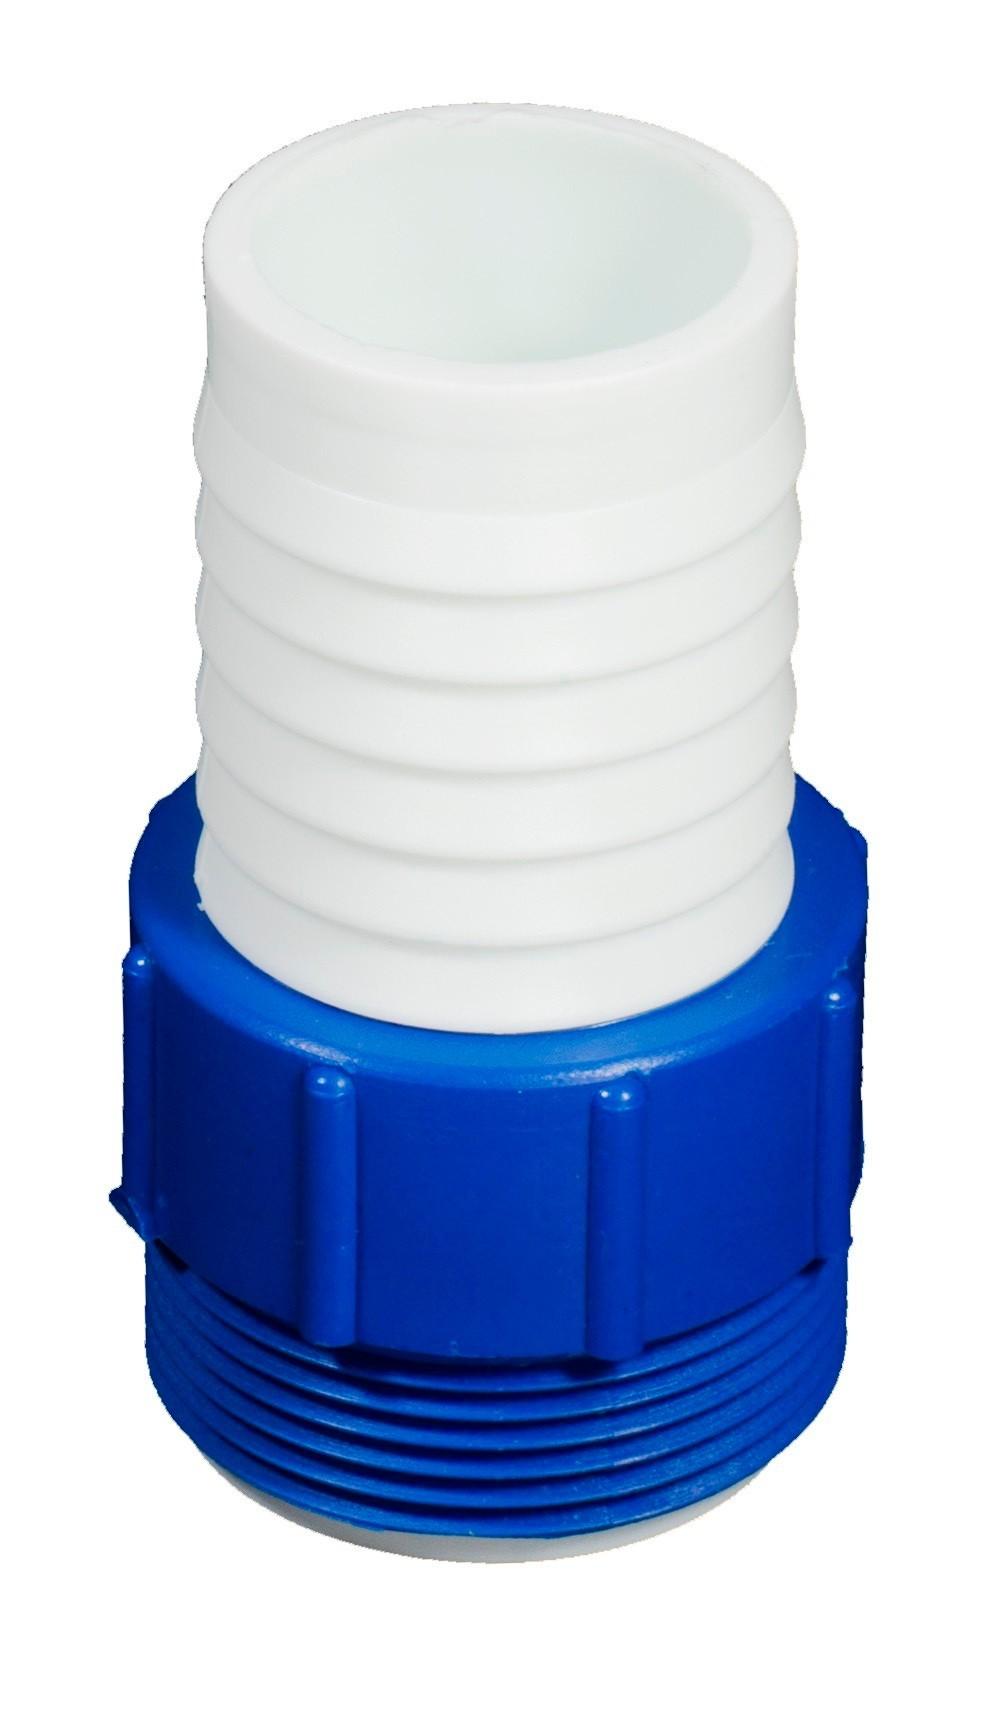 Adaptador para conexão de mangueiras rosca 1.1/2. - Brustec